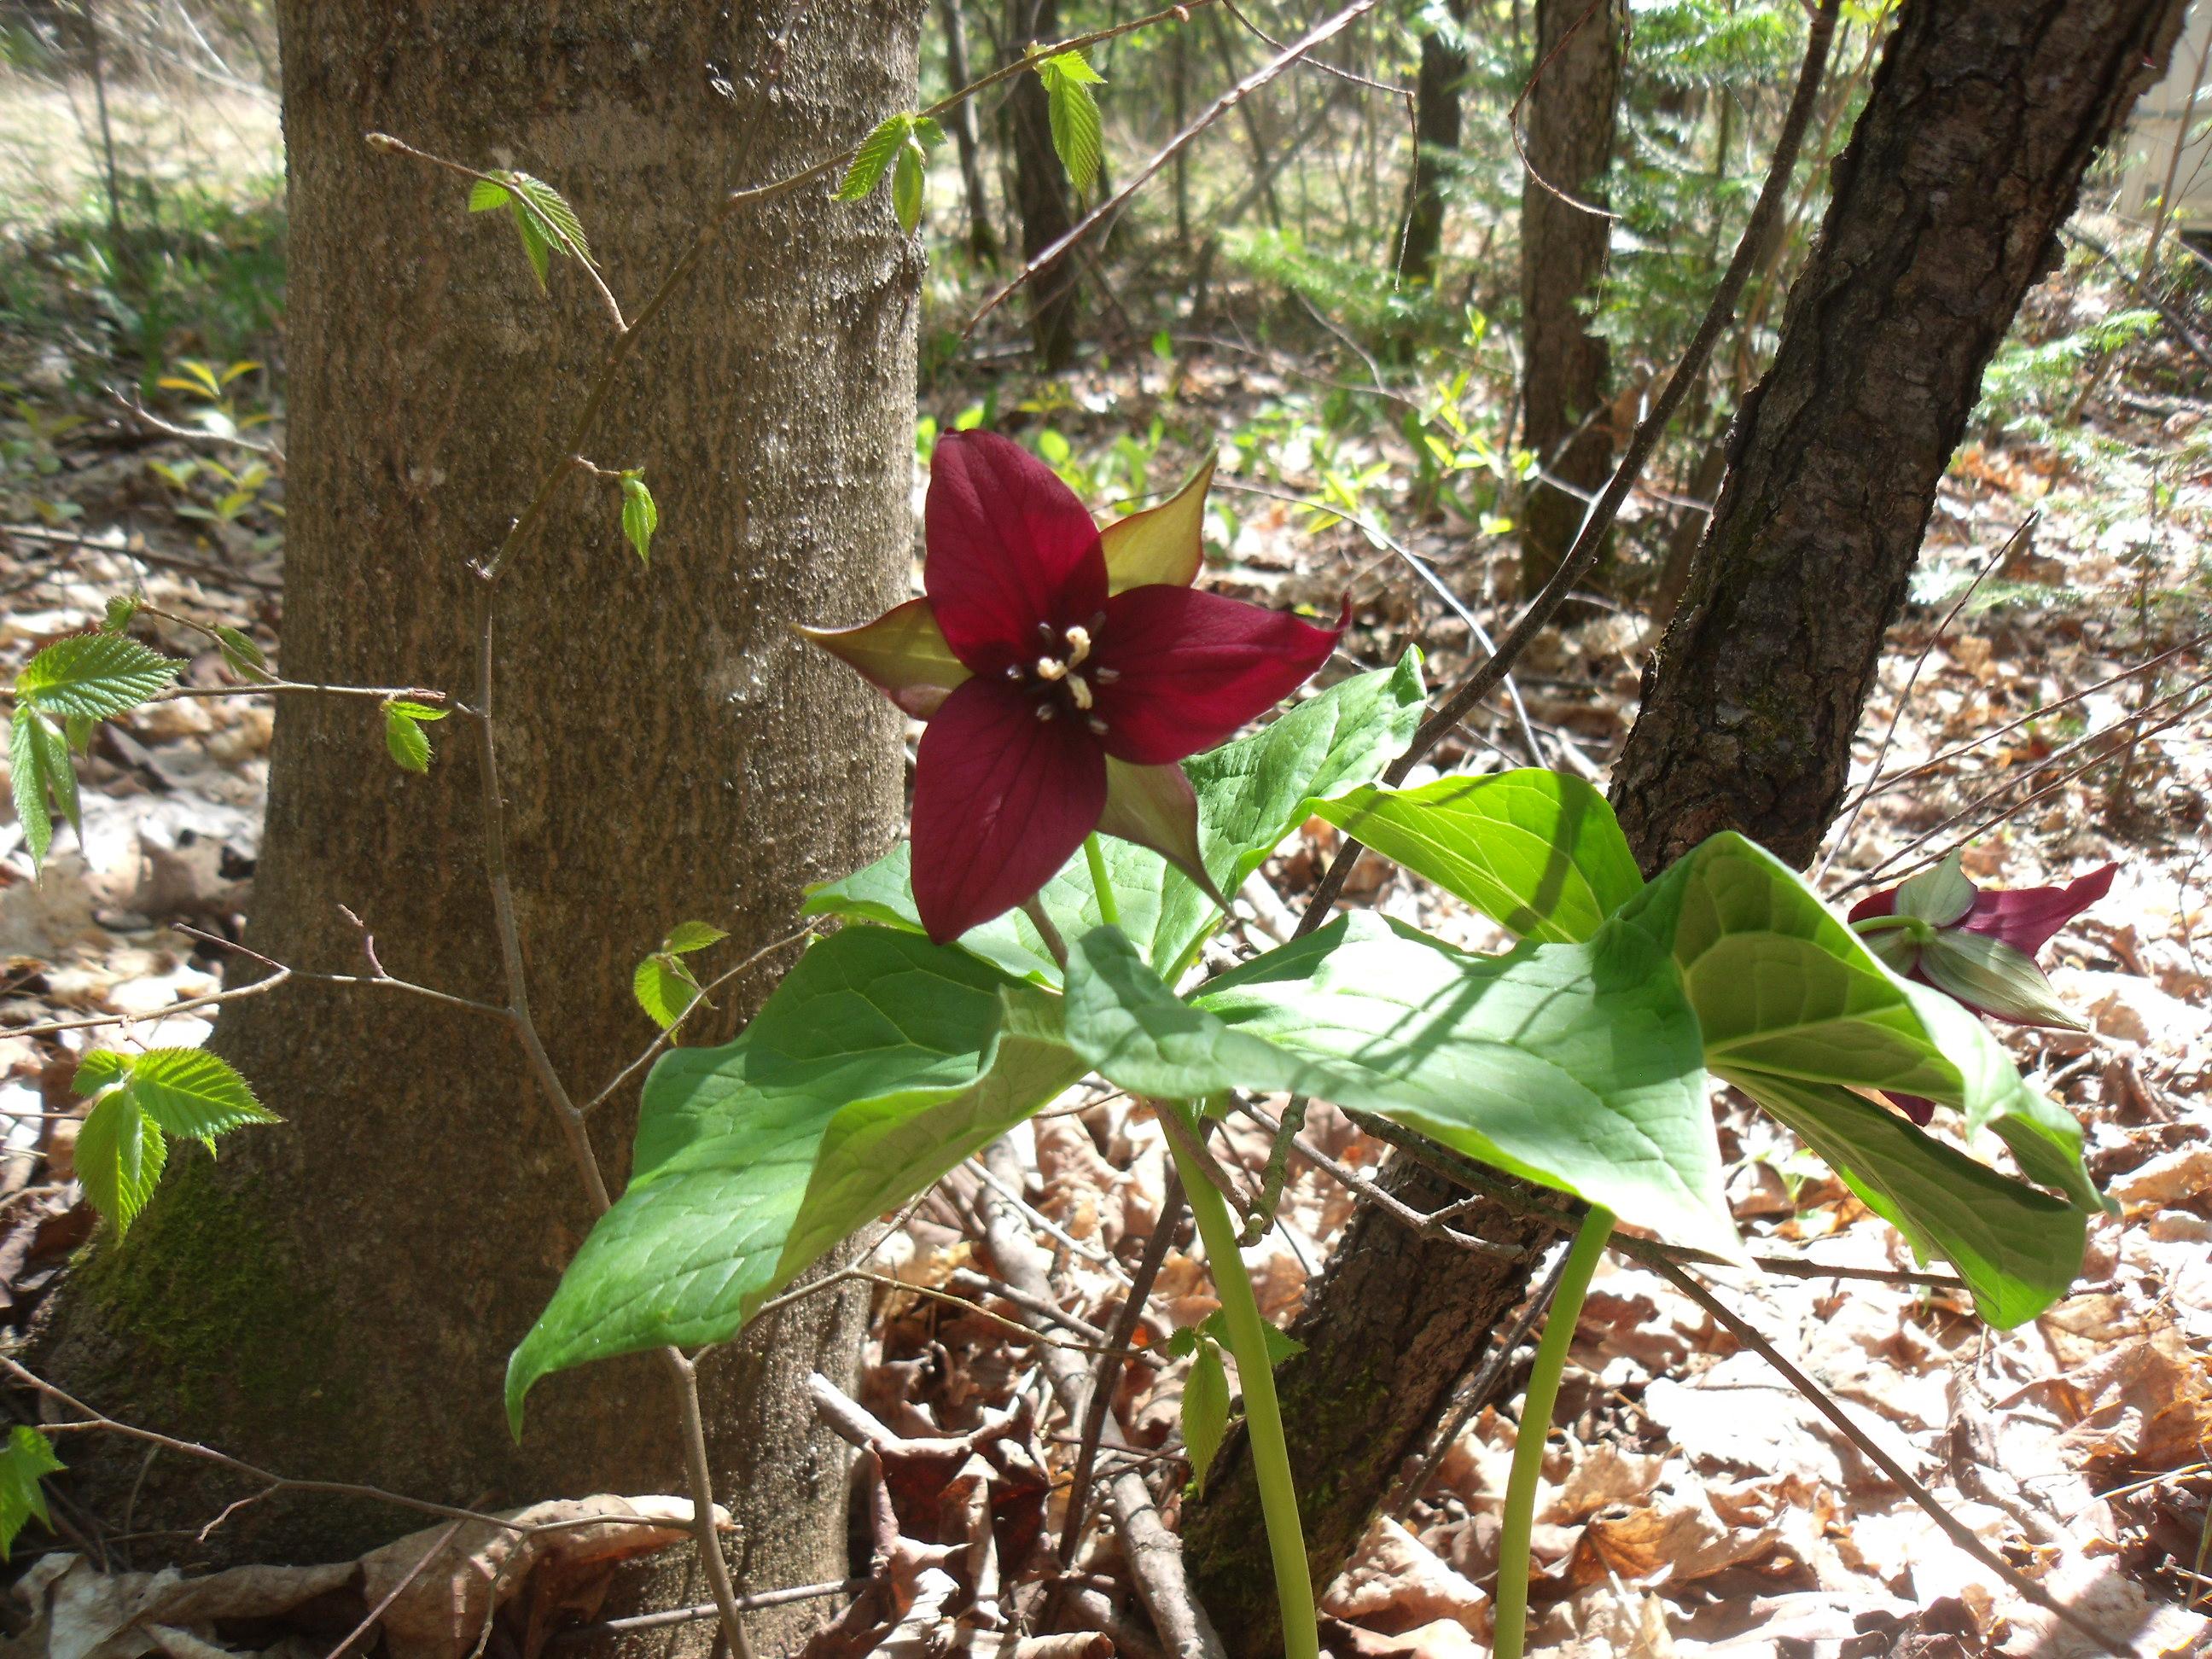 Purple or Red Trillium - Trillium Erectum